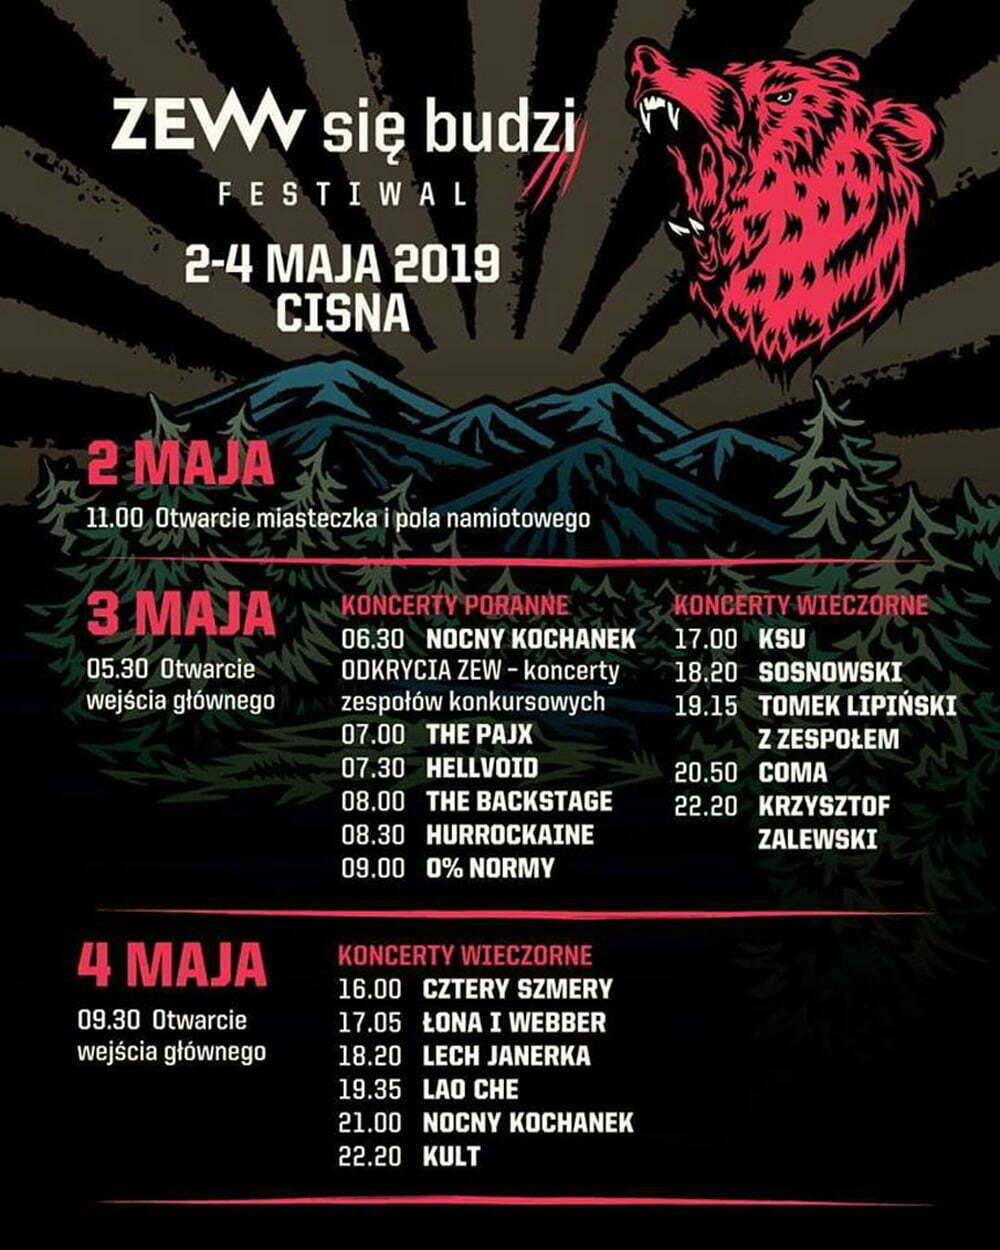 zew program